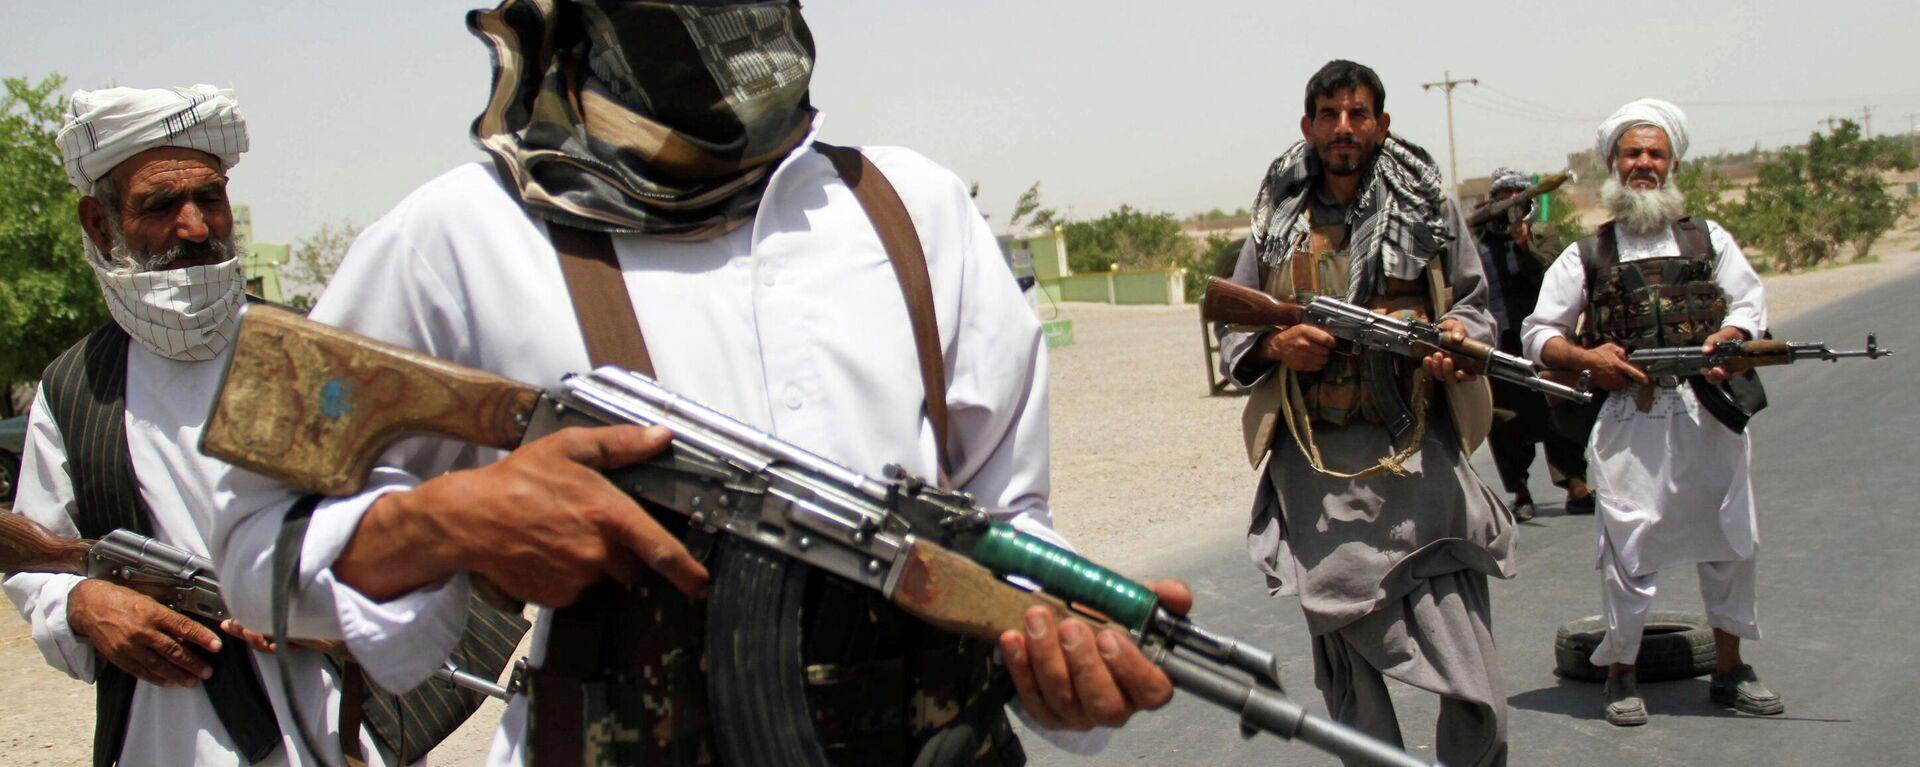 Бывшие моджахеды держат оружие, чтобы поддержать афганские силы в их борьбе против талибов - Sputnik Таджикистан, 1920, 17.08.2021